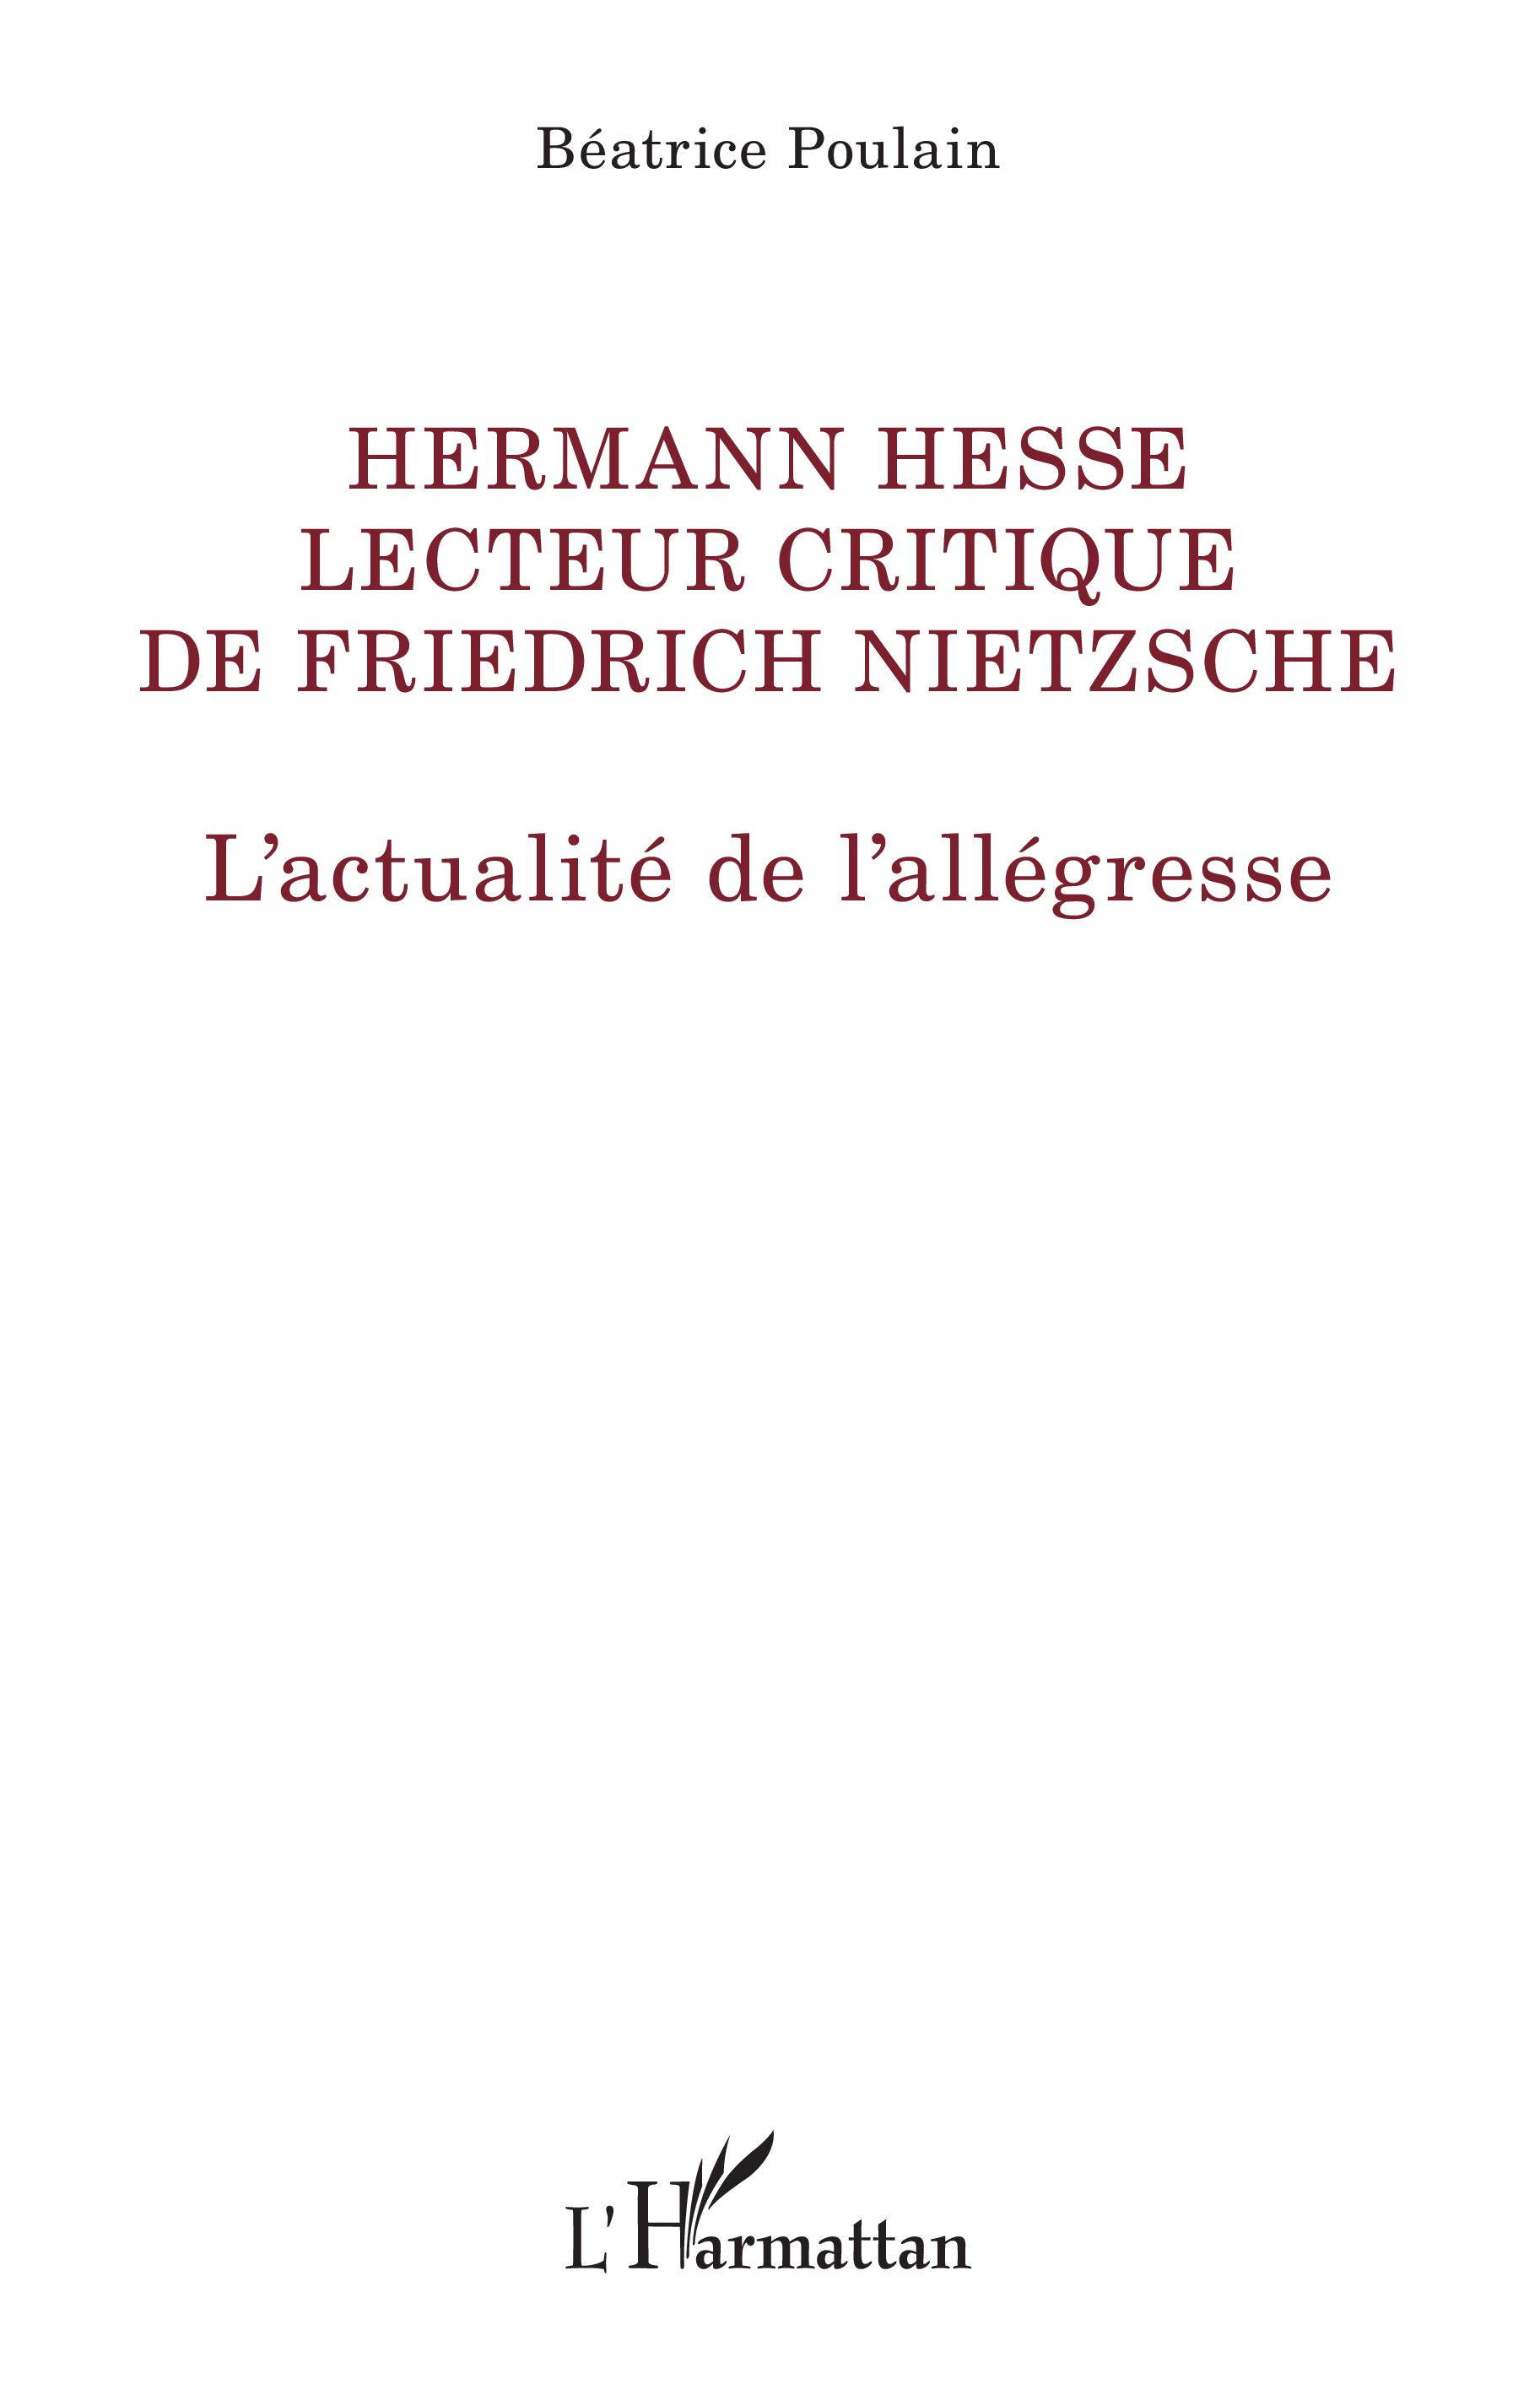 B. Poulain, Hermann Hesse lecteur critique de Friedrich Nietzsche